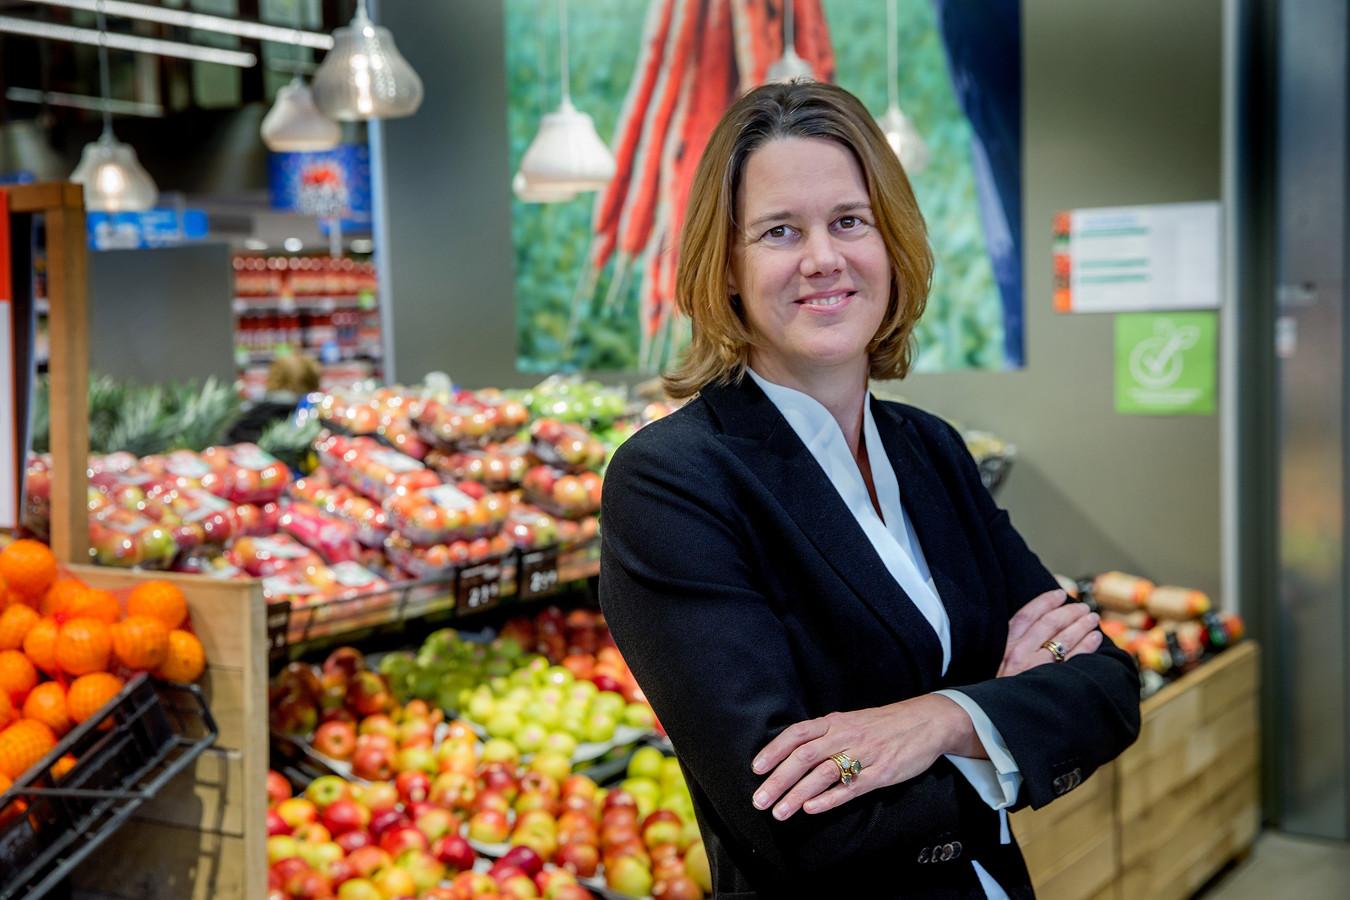 Ceo Marit van Egmond in de AH-vestiging in Koog aan de Zaan. Deze winkel onder snelweg A8, is uitgeroepen tot mooiste supermarkt van Nederland.